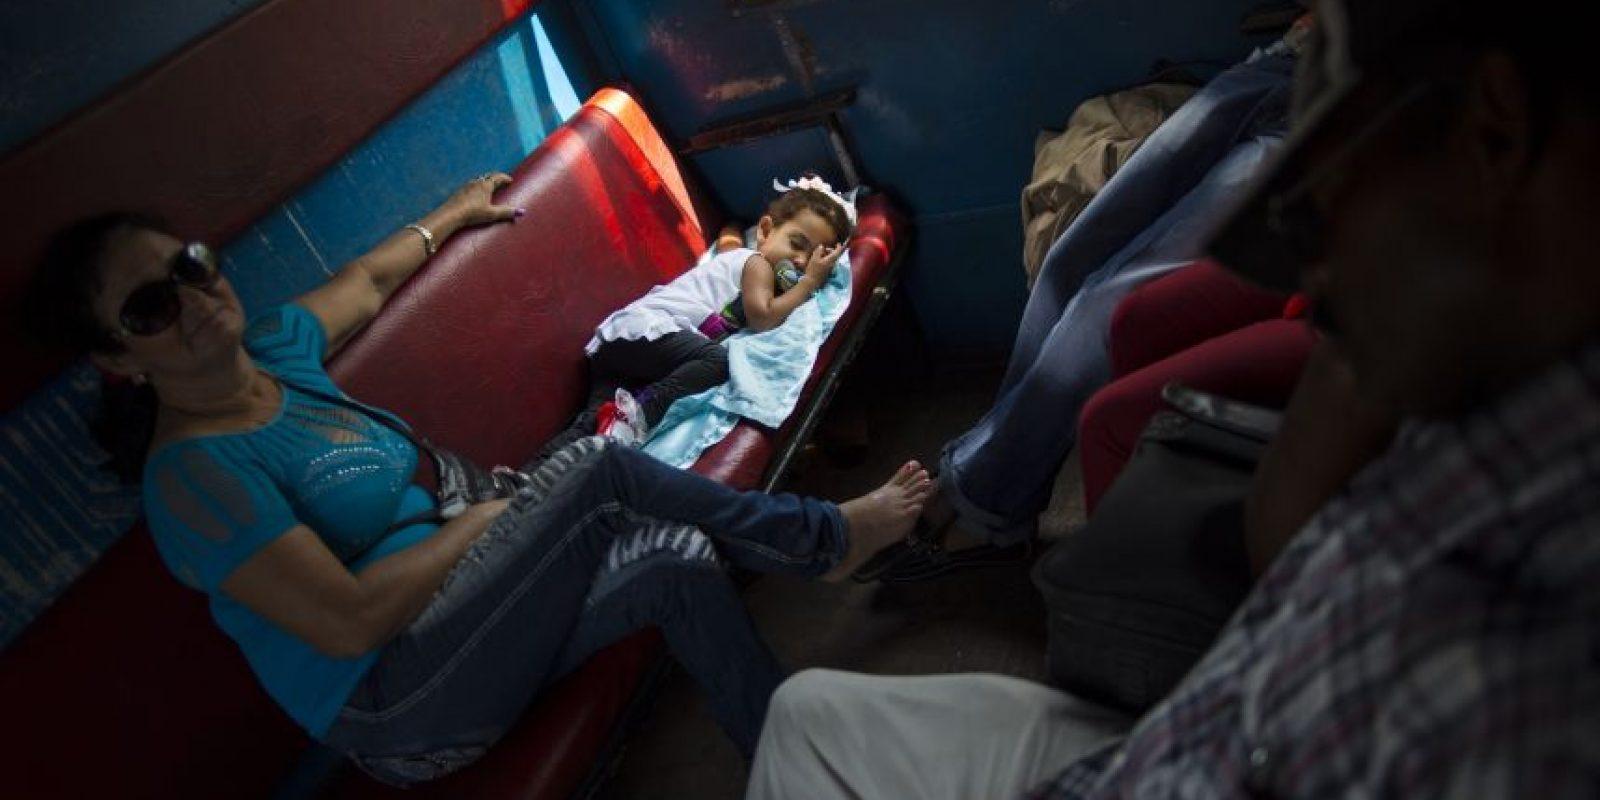 En esta fotografía del 23 de marzo de 2015, una niña duerme en un tren en movimiento junto con su familia mientras viajan desde Santiago de Cuba a Santa Clara en la provincia de Holguín. Aunque la isla está modernizando lentamente su sistema ferroviario, sigue siendo la forma más lenta para moverse en Cuba, que ya de por sí se mueve con lentitud. Foto:AP Photo/ Ramón Espionsa